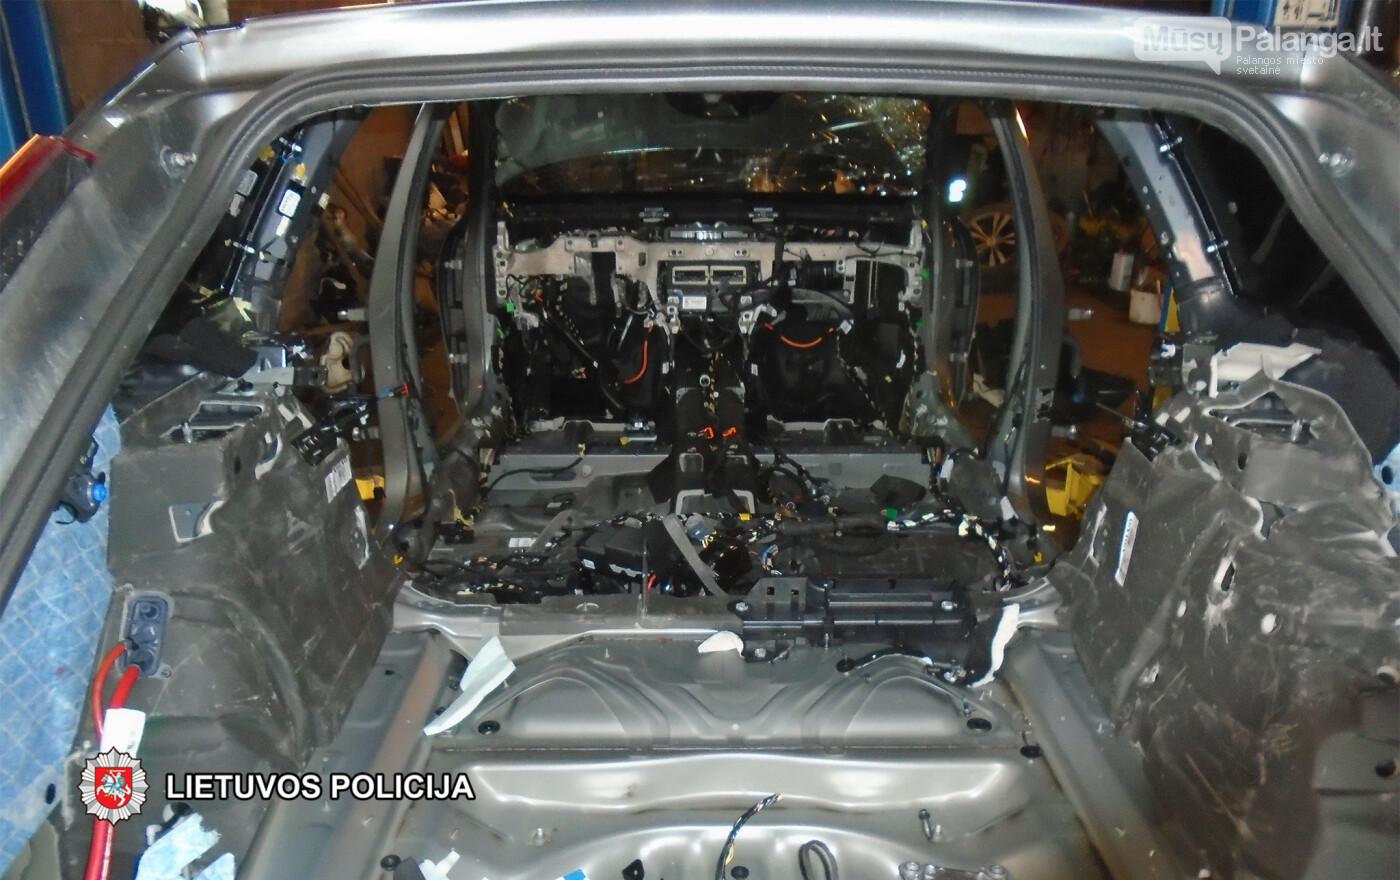 Klaipėdoje baigtas tyrimas dėl prabangaus automobilio Volvo vagystės, nuotrauka-1